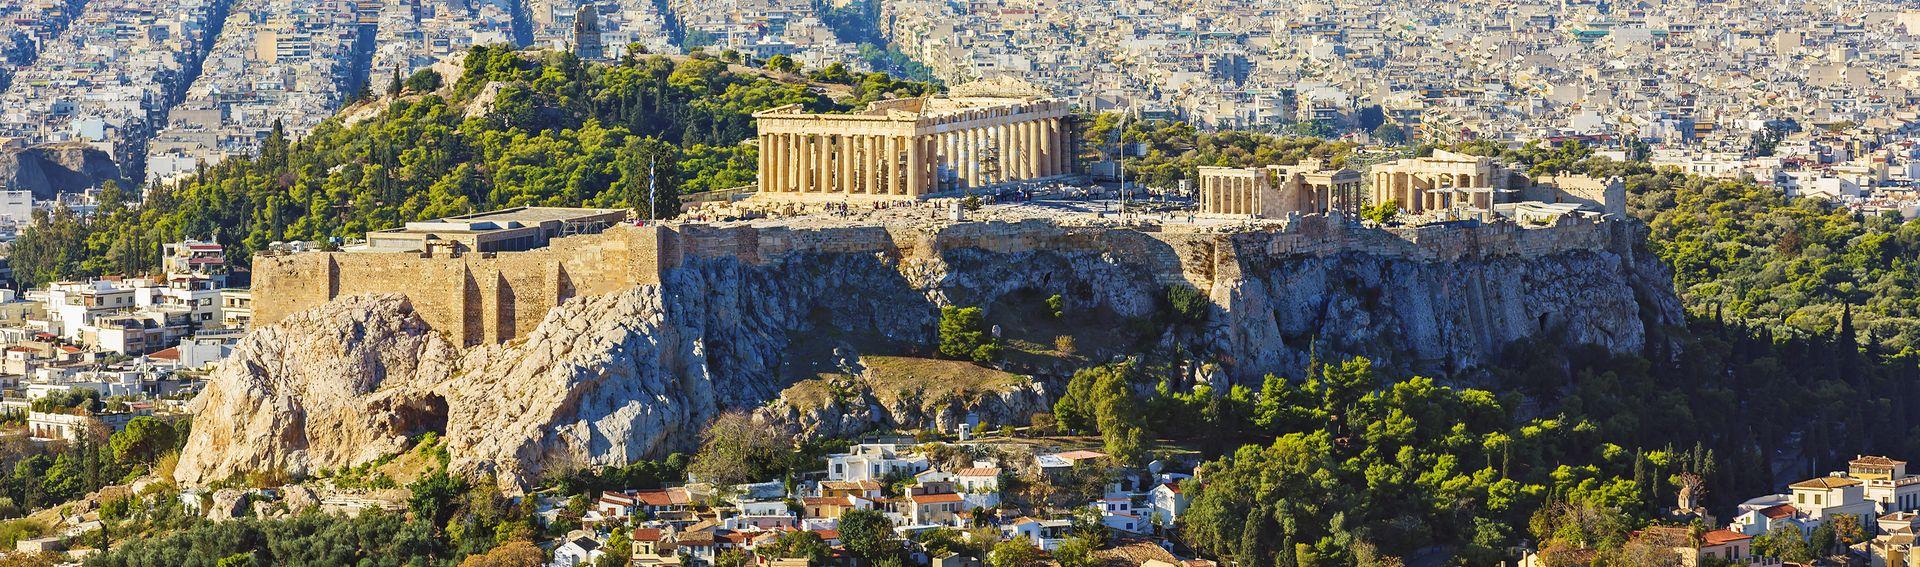 Attika/Athen